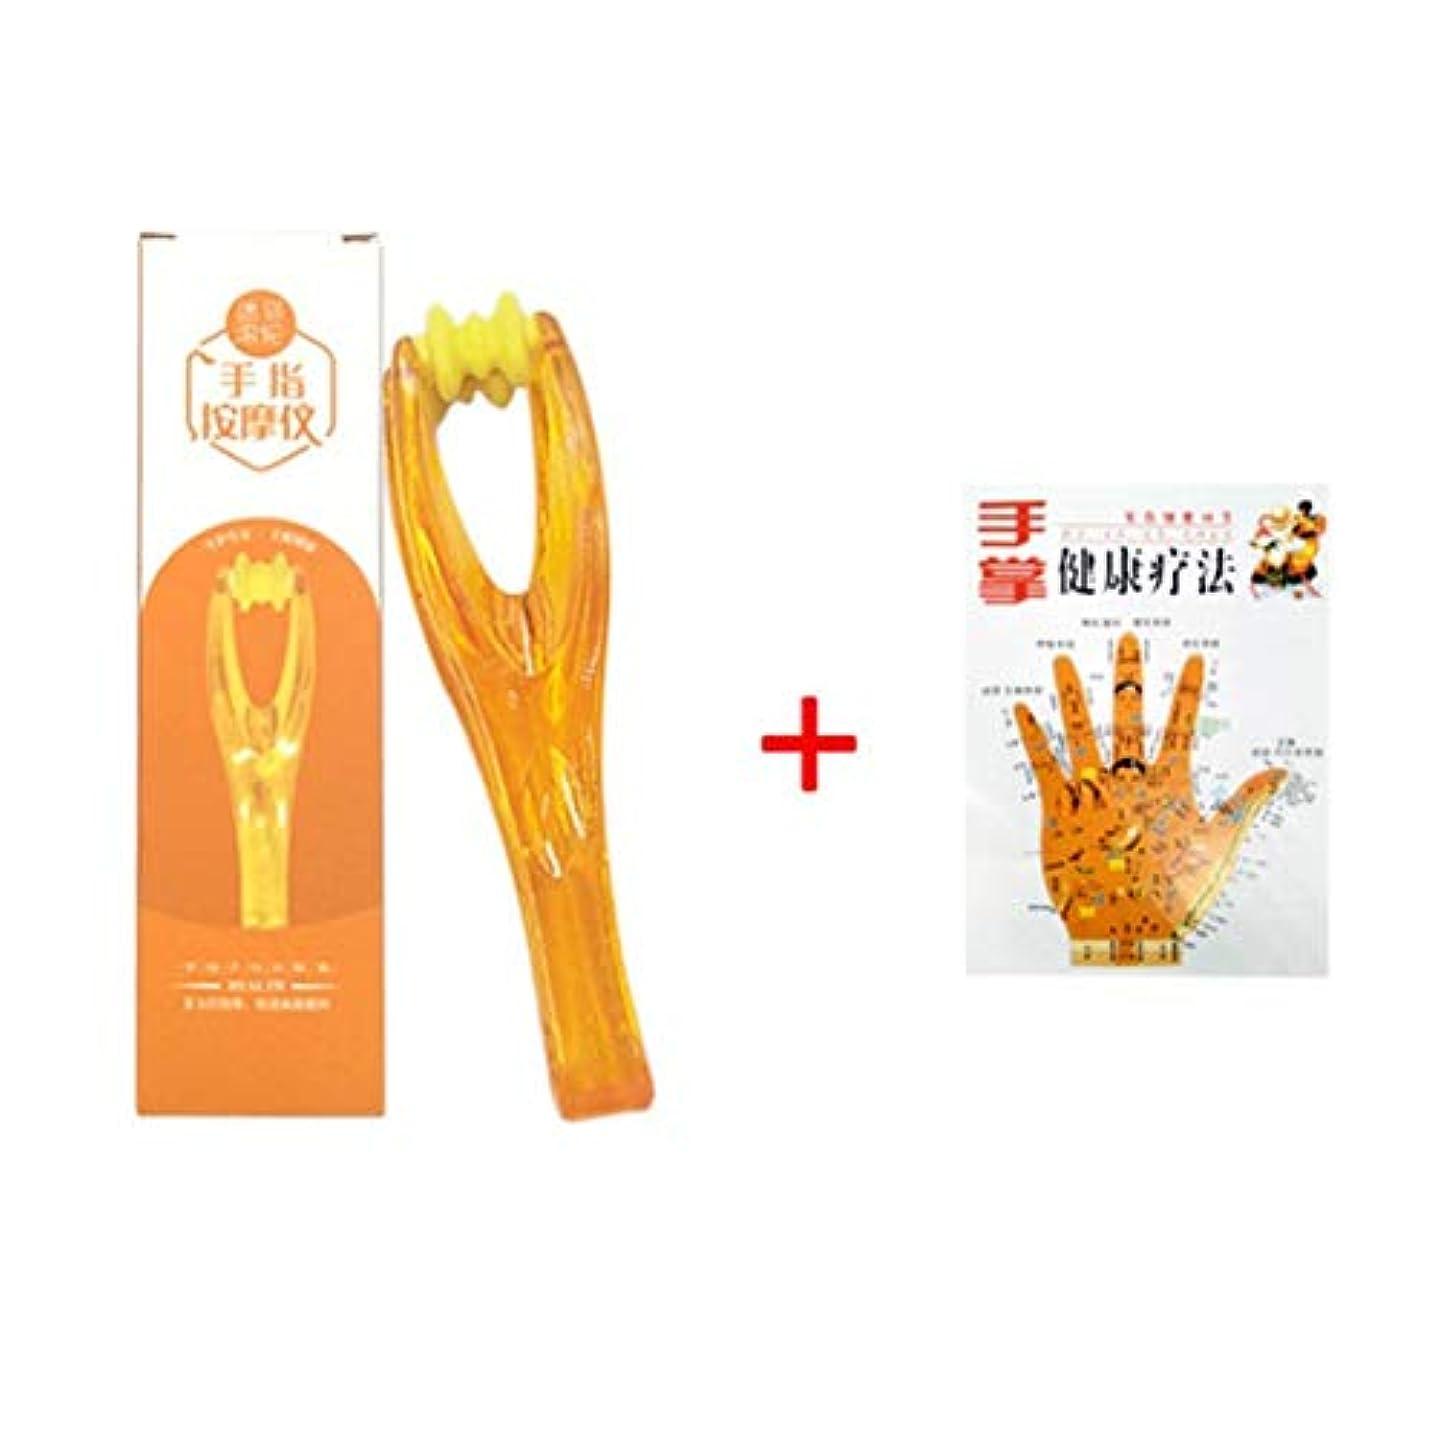 結論サービス共同選択Birdlantern 1pc Hand Finger Joints Massager Handheld Blood Circulation Tool Dual Roller Stress Relief Beauty Plastic...